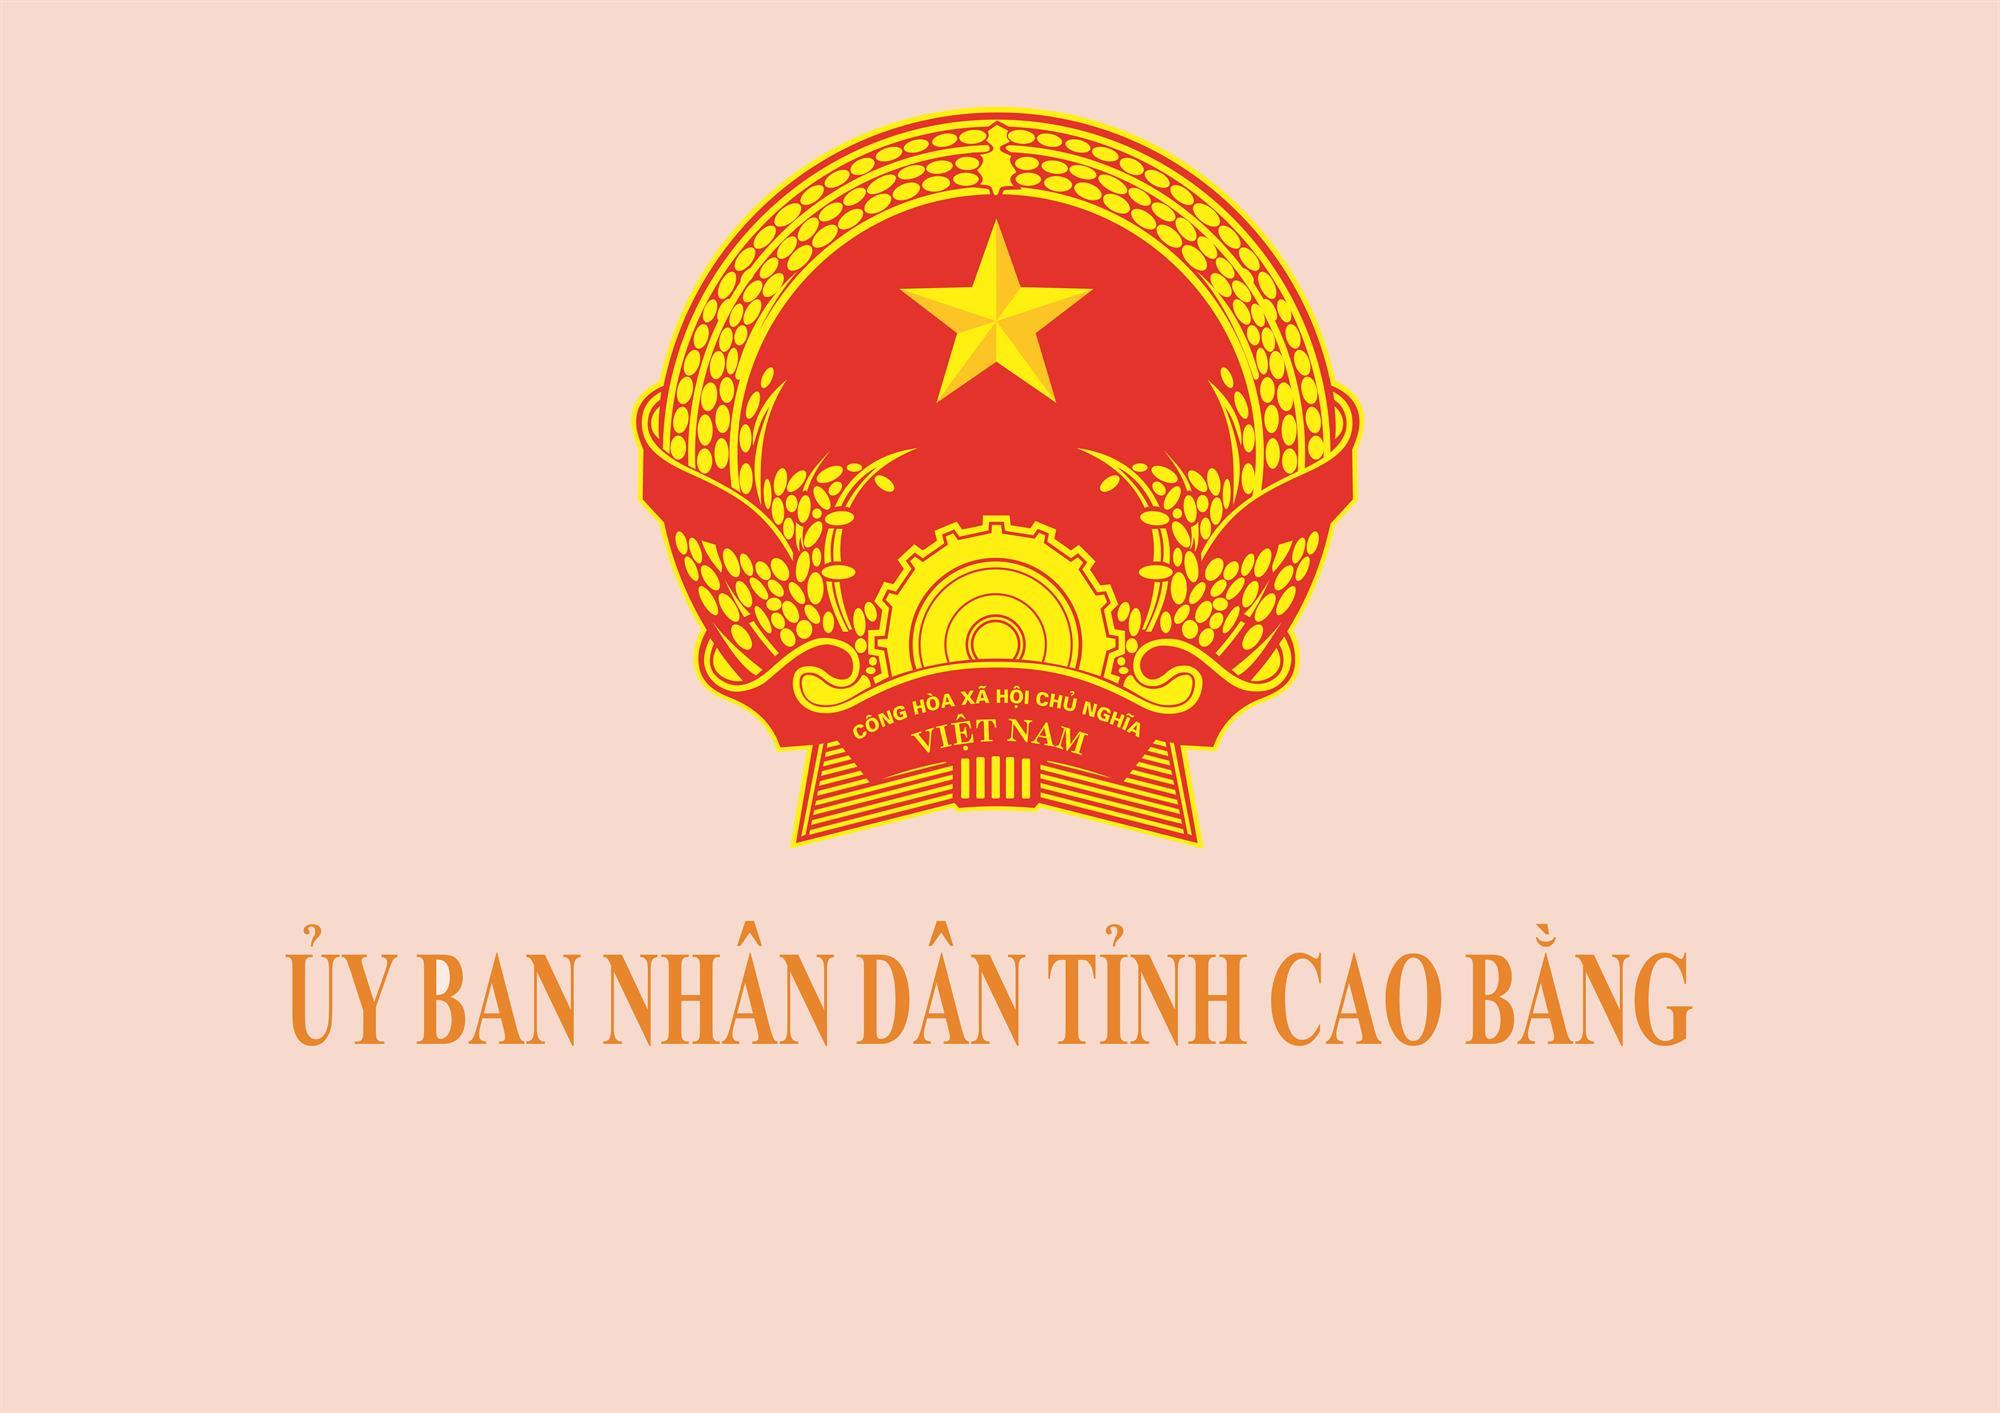 UBND tỉnh Cao Bằng chỉ đạo thực hiện các biện pháp đảm bảo cho công tác bầu cử